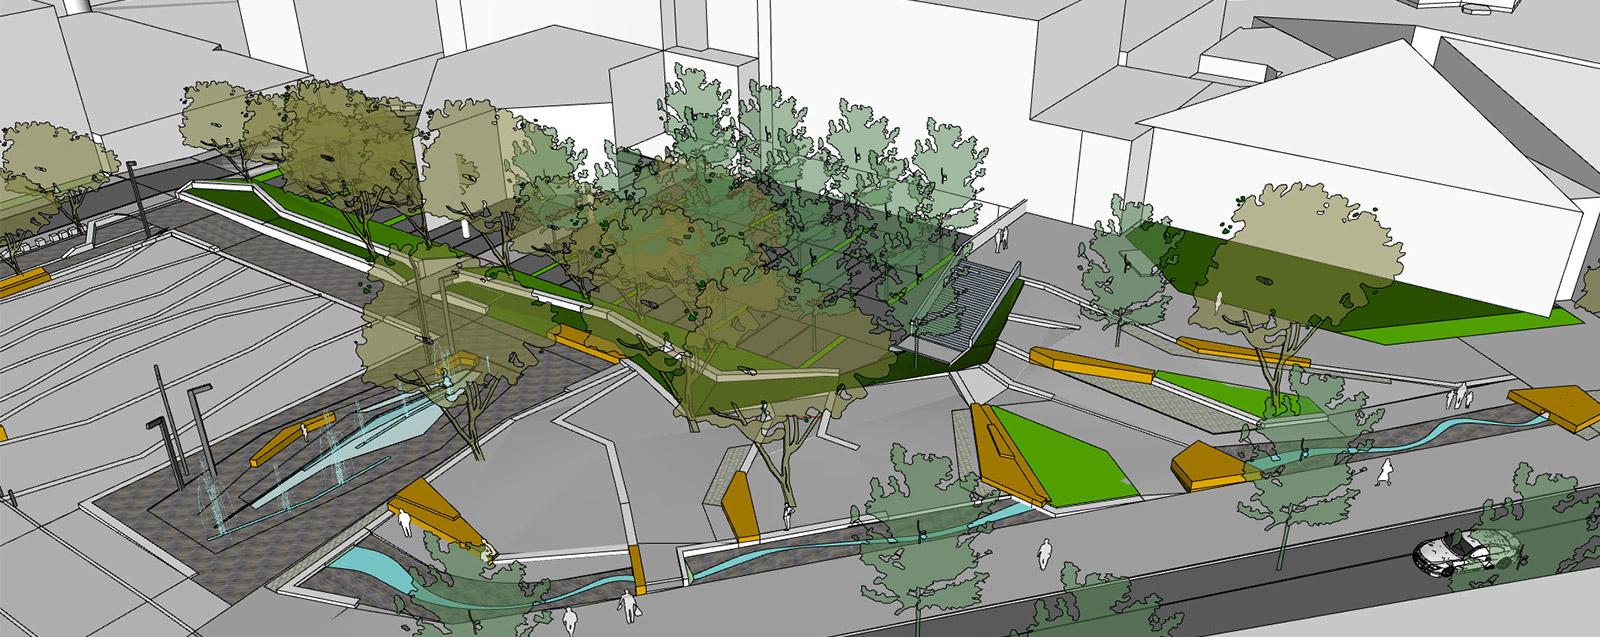 Avant-projet de la place du centre-ville